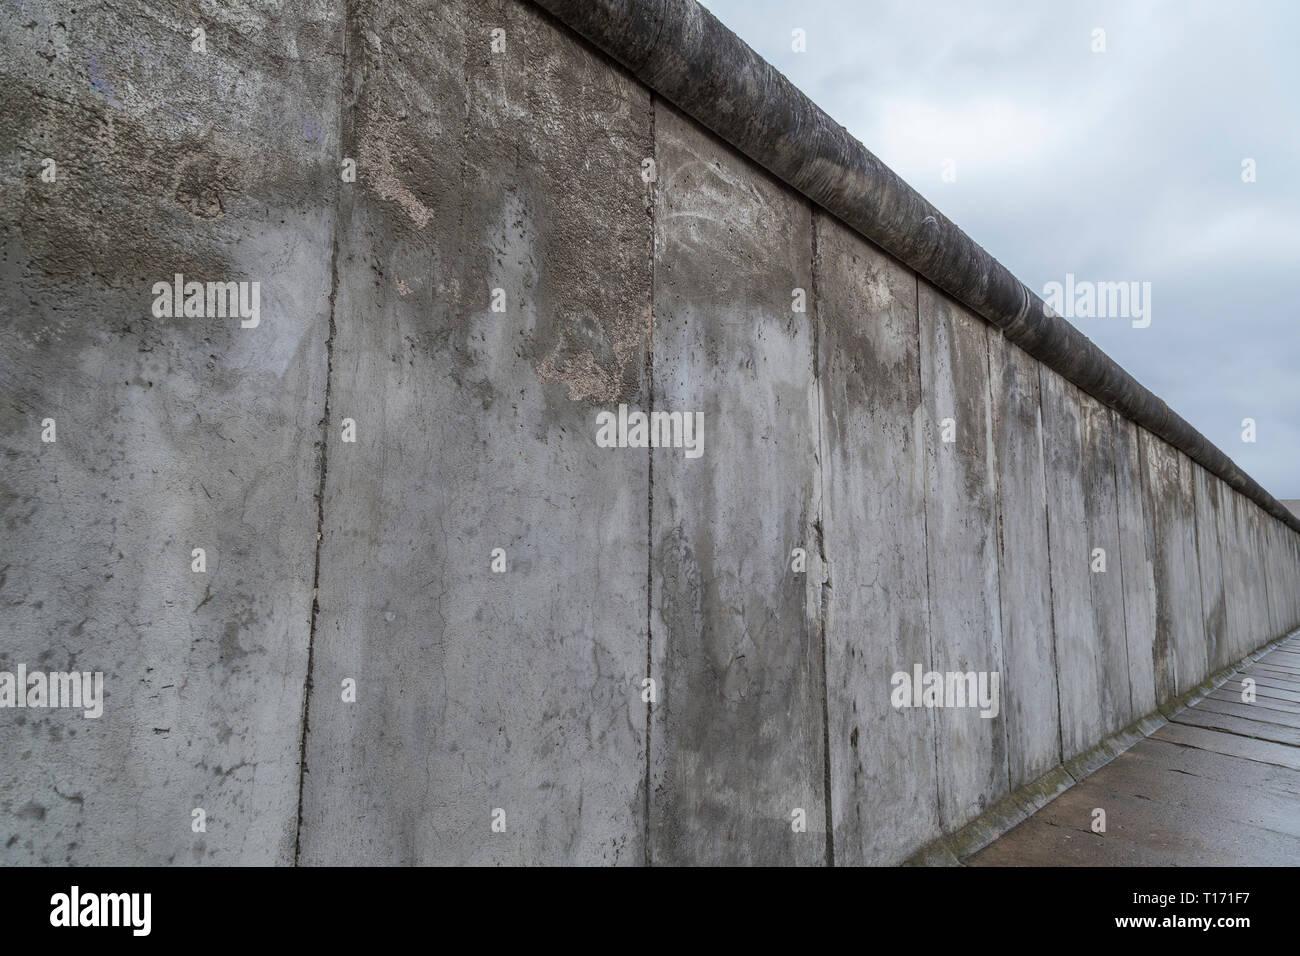 Seitliche Sicht Auf Einen Abschnitt Der Berliner Mauer An Der Gedenkstatte Berliner Mauer Berliner Mauer In Berlin Deutschland An Einem Bewolkten Tag Stockfotografie Alamy